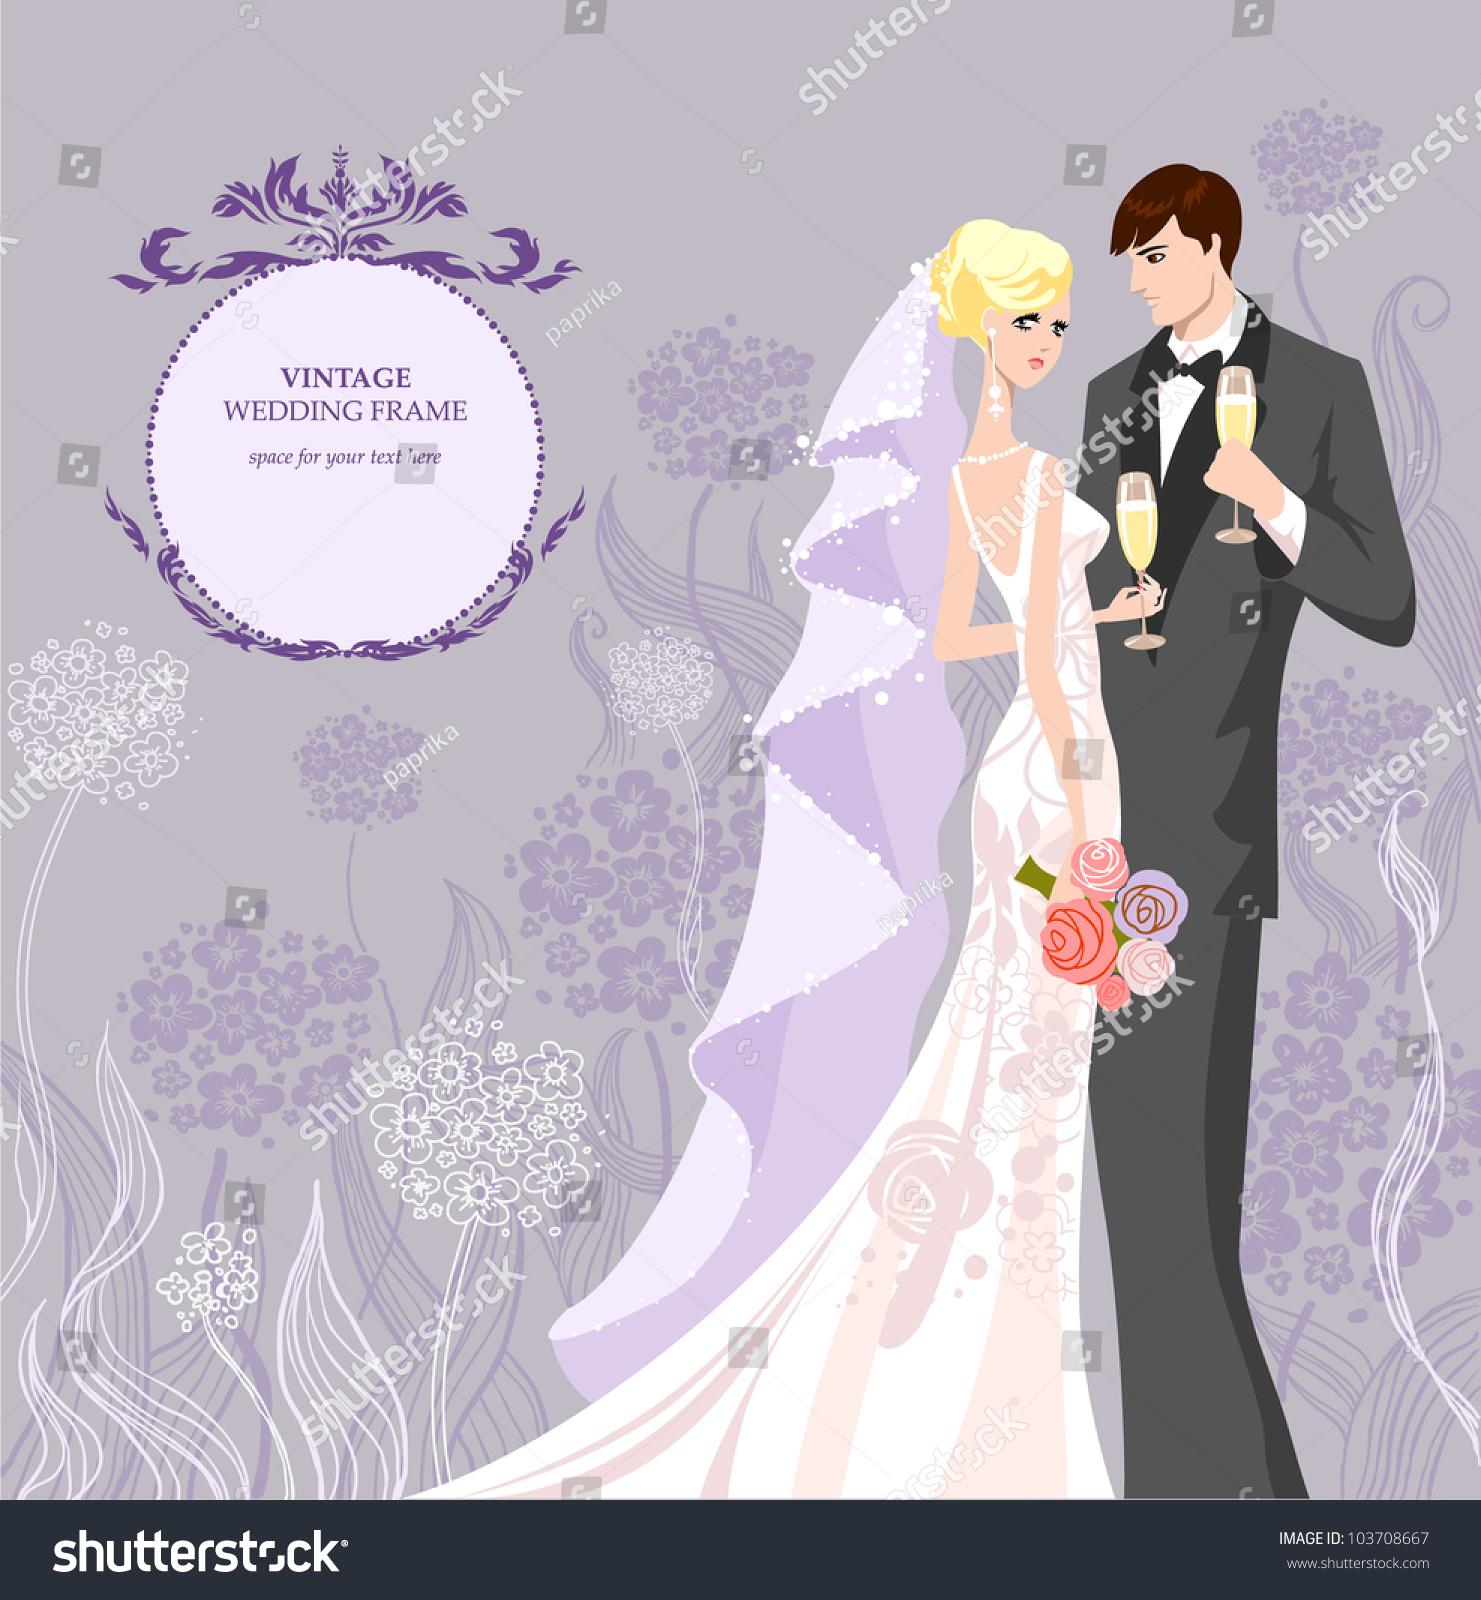 Wedding Invitation Bride Groom Stock Vector 103708667 - Shutterstock